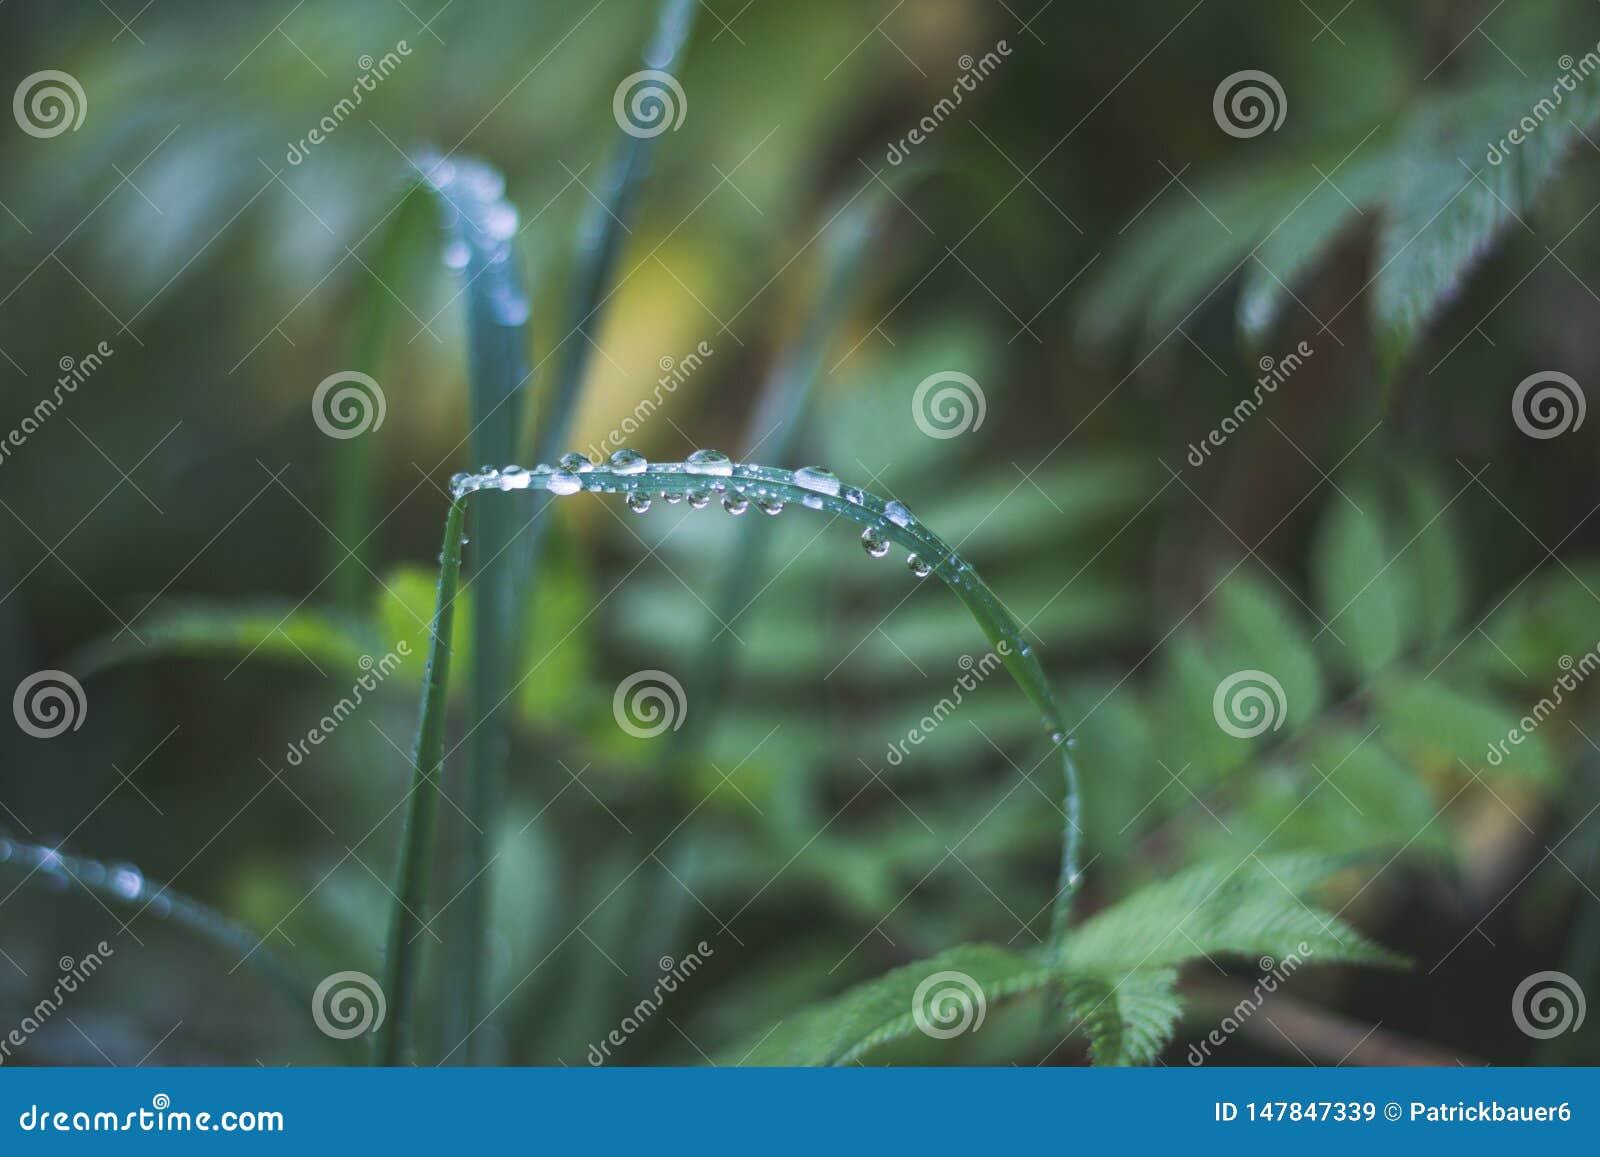 Ochtenddauw op een grassprietje